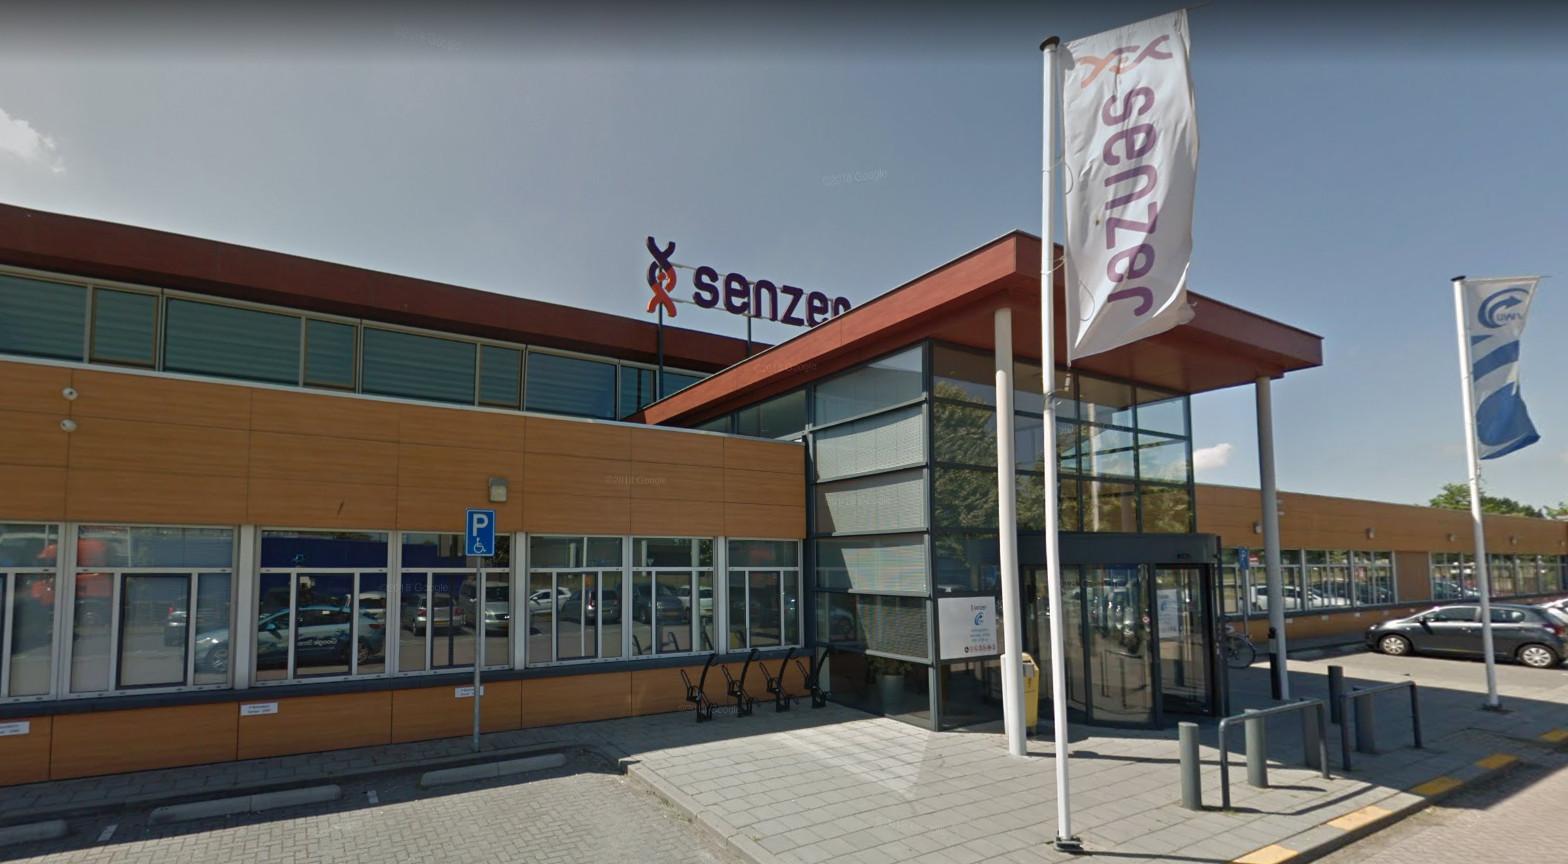 Het kantoor van Senzer in Helmond.